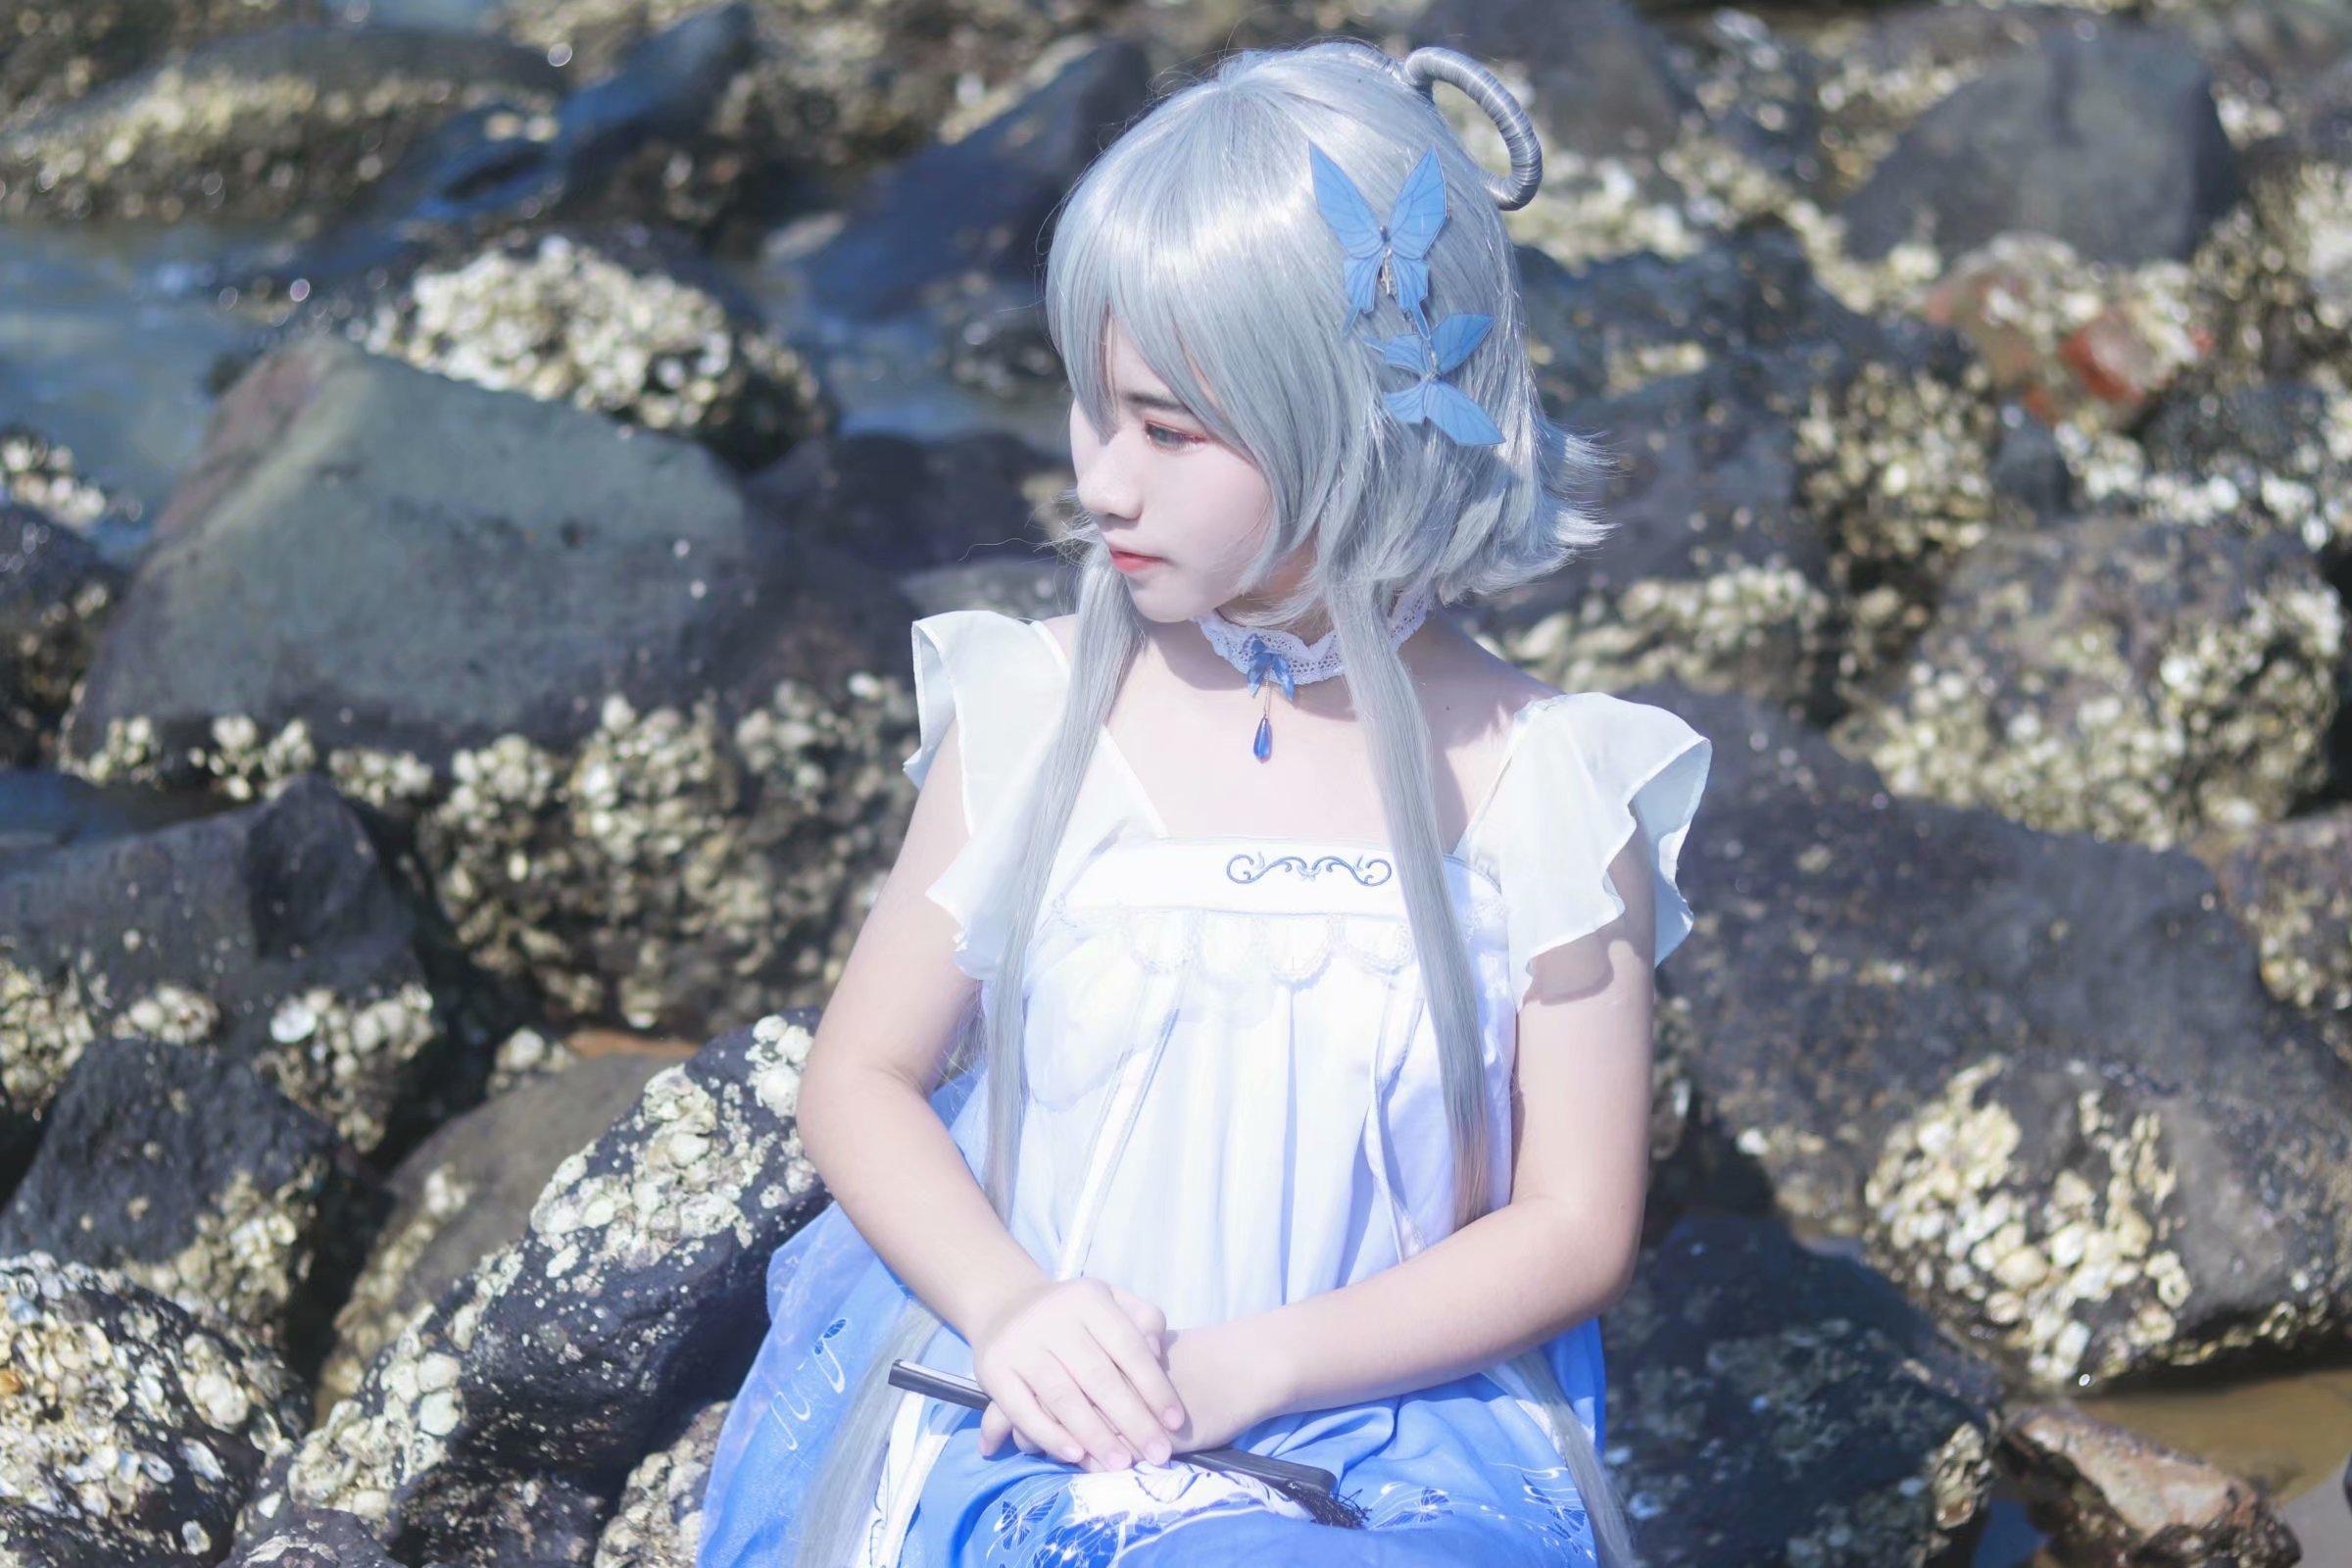 美女cosplay【CN:墨月月月】-第7张